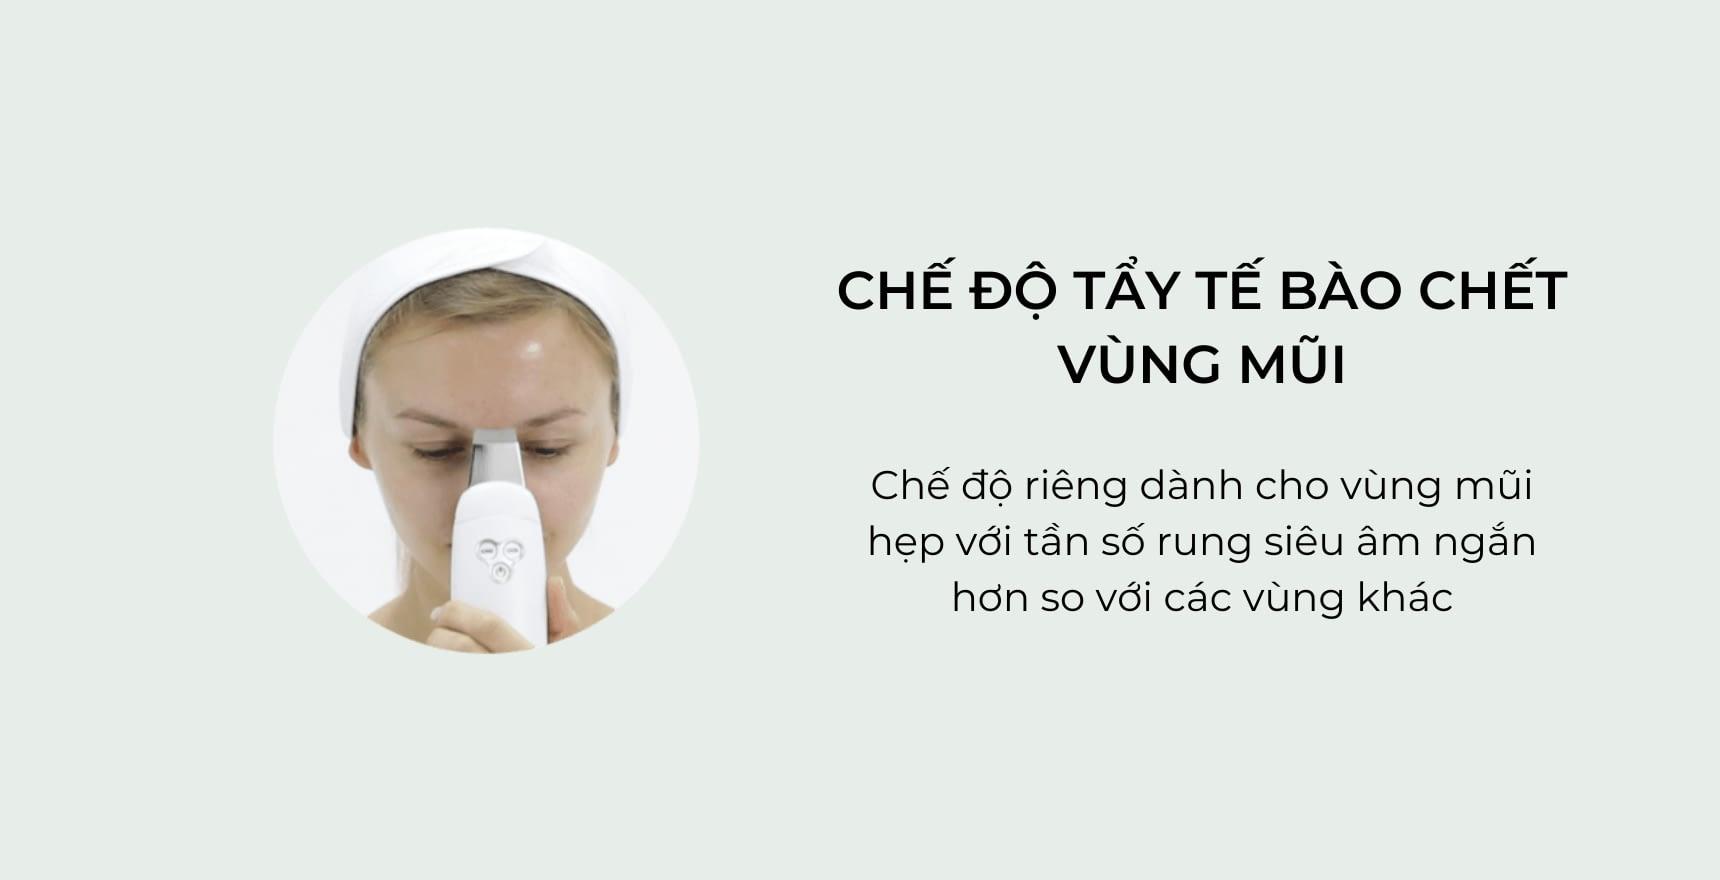 Chế độ tẩy tế bào da chết vùng mũi